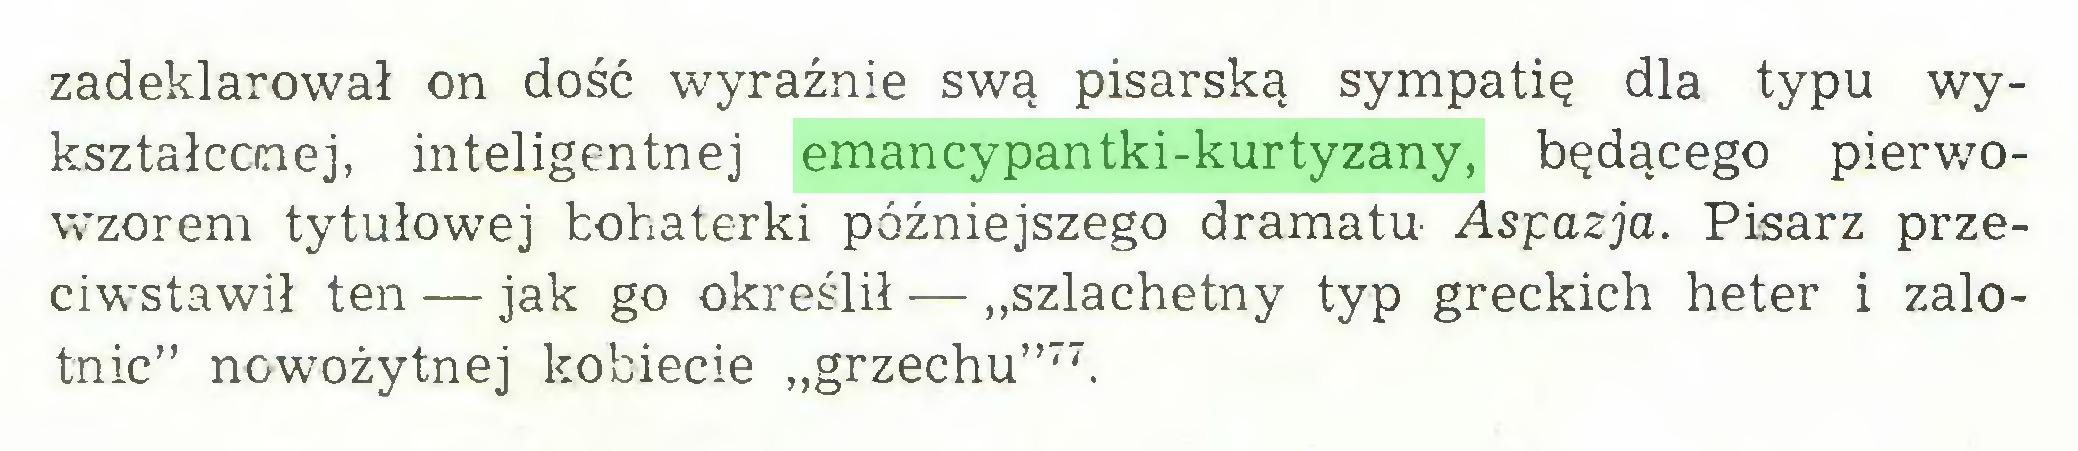 """(...) zadeklarował on dość wyraźnie swą pisarską sympatię dla typu wykształcanej, inteligentnej emancypantki-kurtyzany, będącego pierwowzorem tytułowej bohaterki późniejszego dramatu Aspazja. Pisarz przeciwstawił ten — jak go określił — """"szlachetny typ greckich heter i zalotnic"""" nowożytnej kobiecie """"grzechu""""77..."""